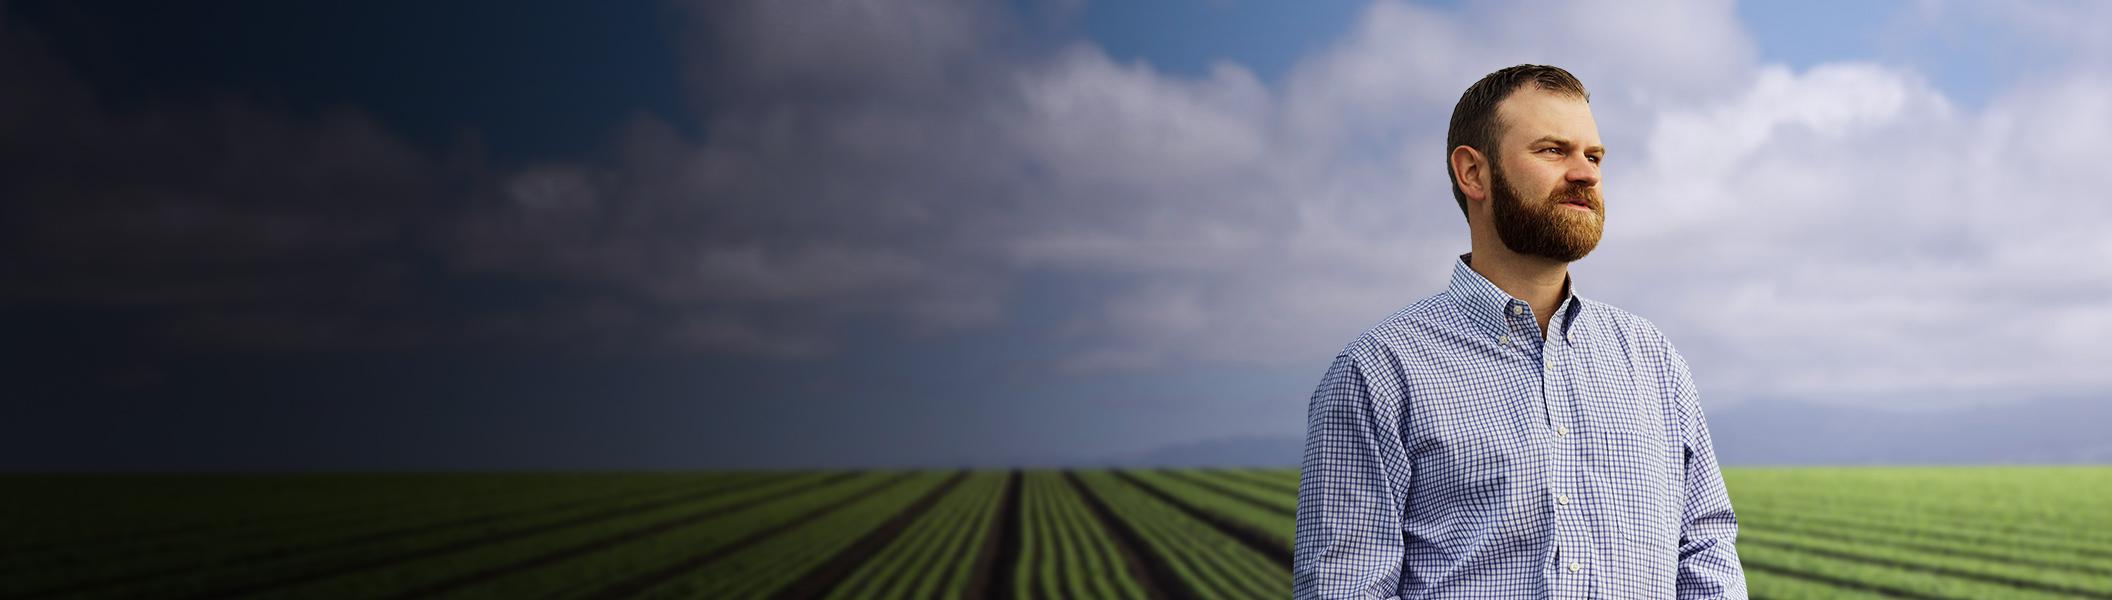 Homme dans une exploitation agricole qui regarde au loin